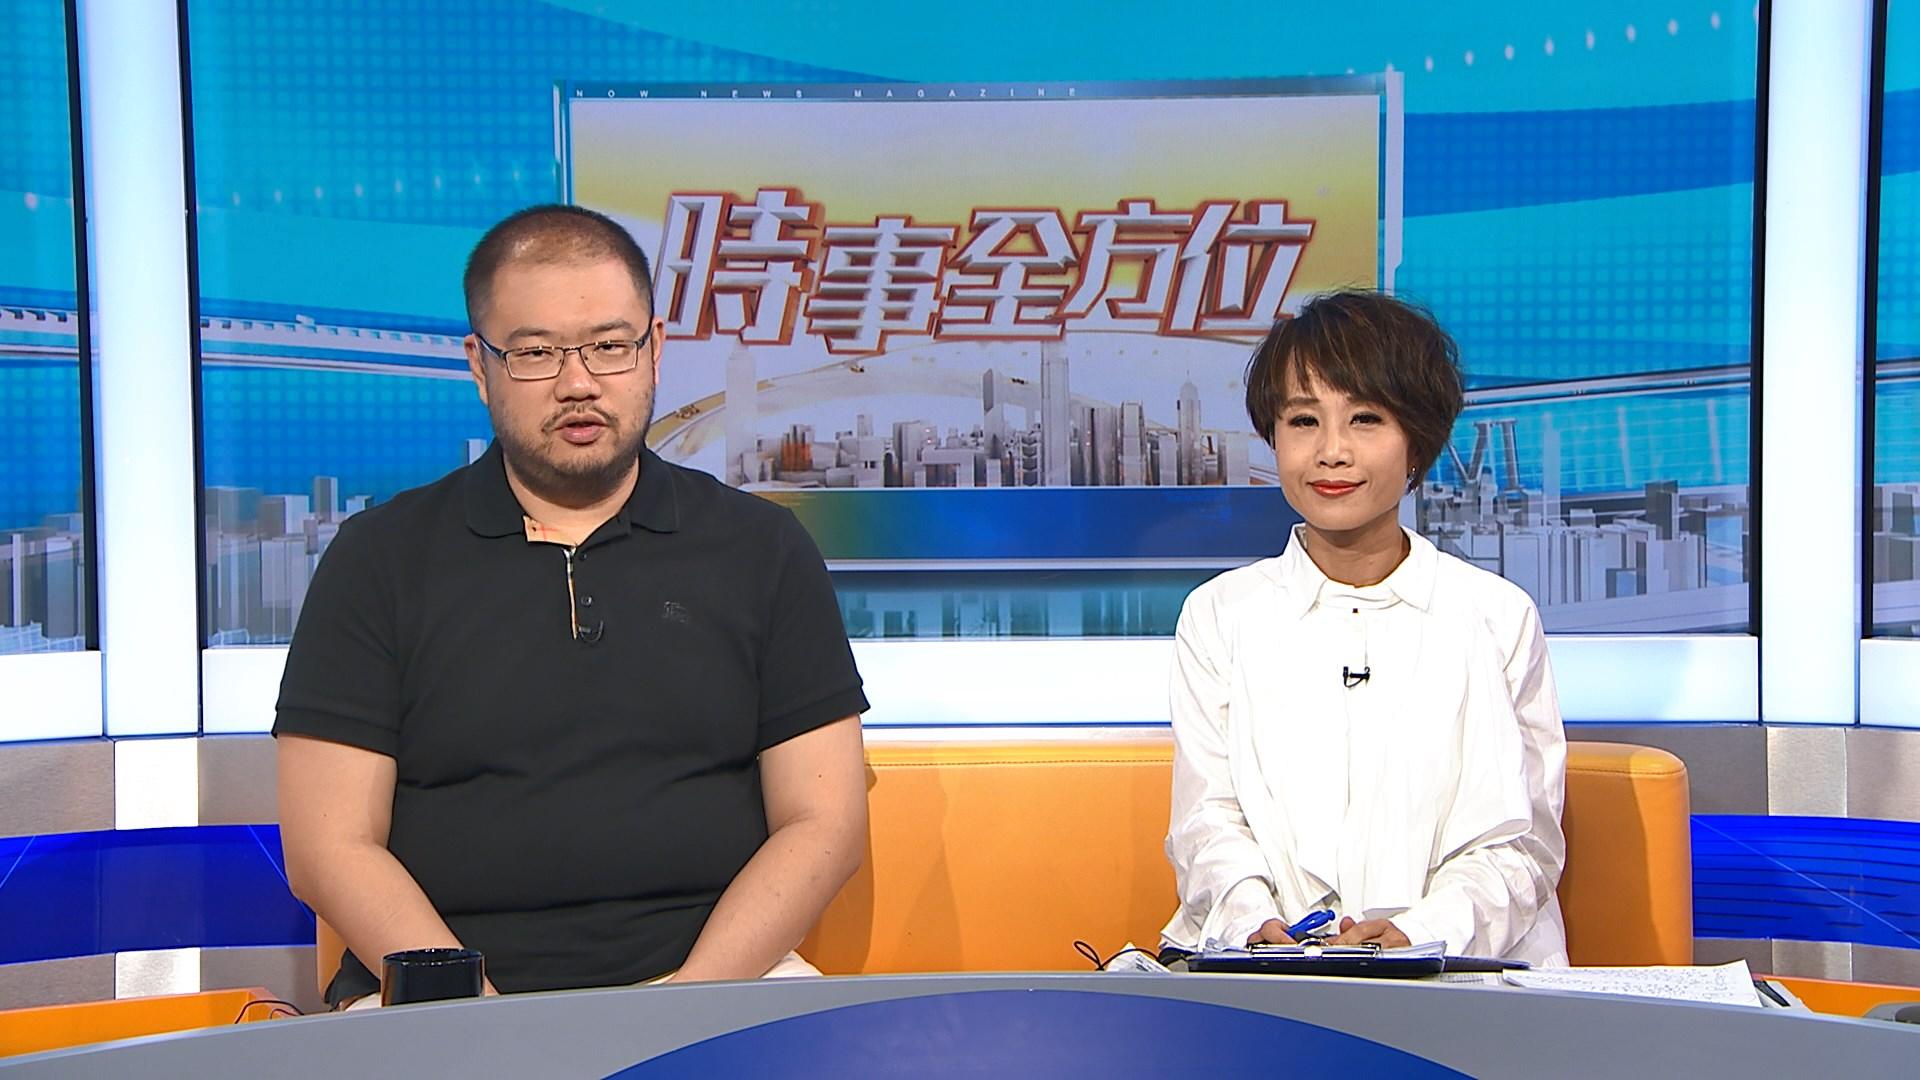 【時事全方位】如何走出目前政治困局?(二)